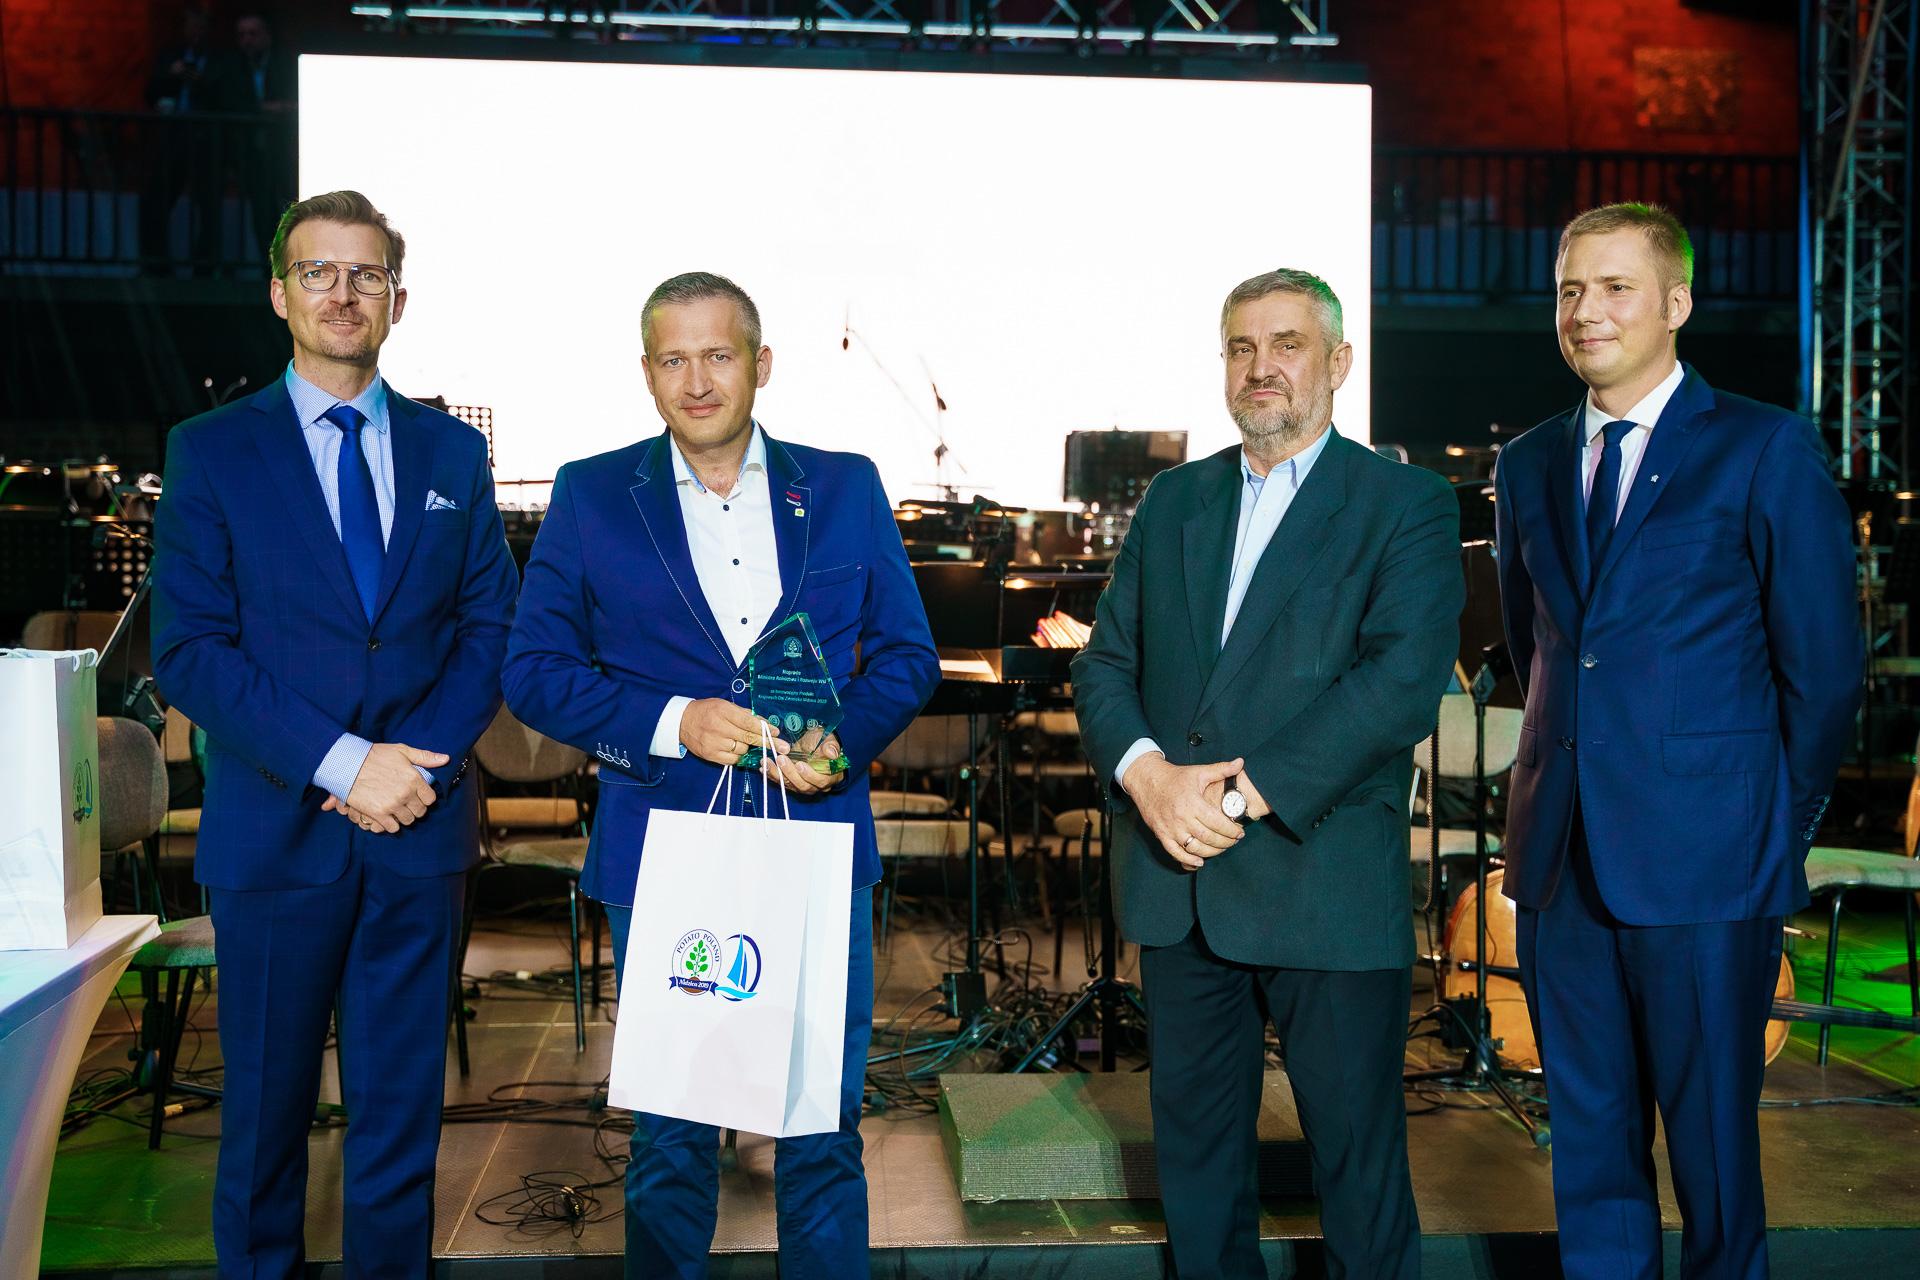 Firma Osadkowski nagrodzona przez Ministra Rolnictwa i Rozwoju Wsi